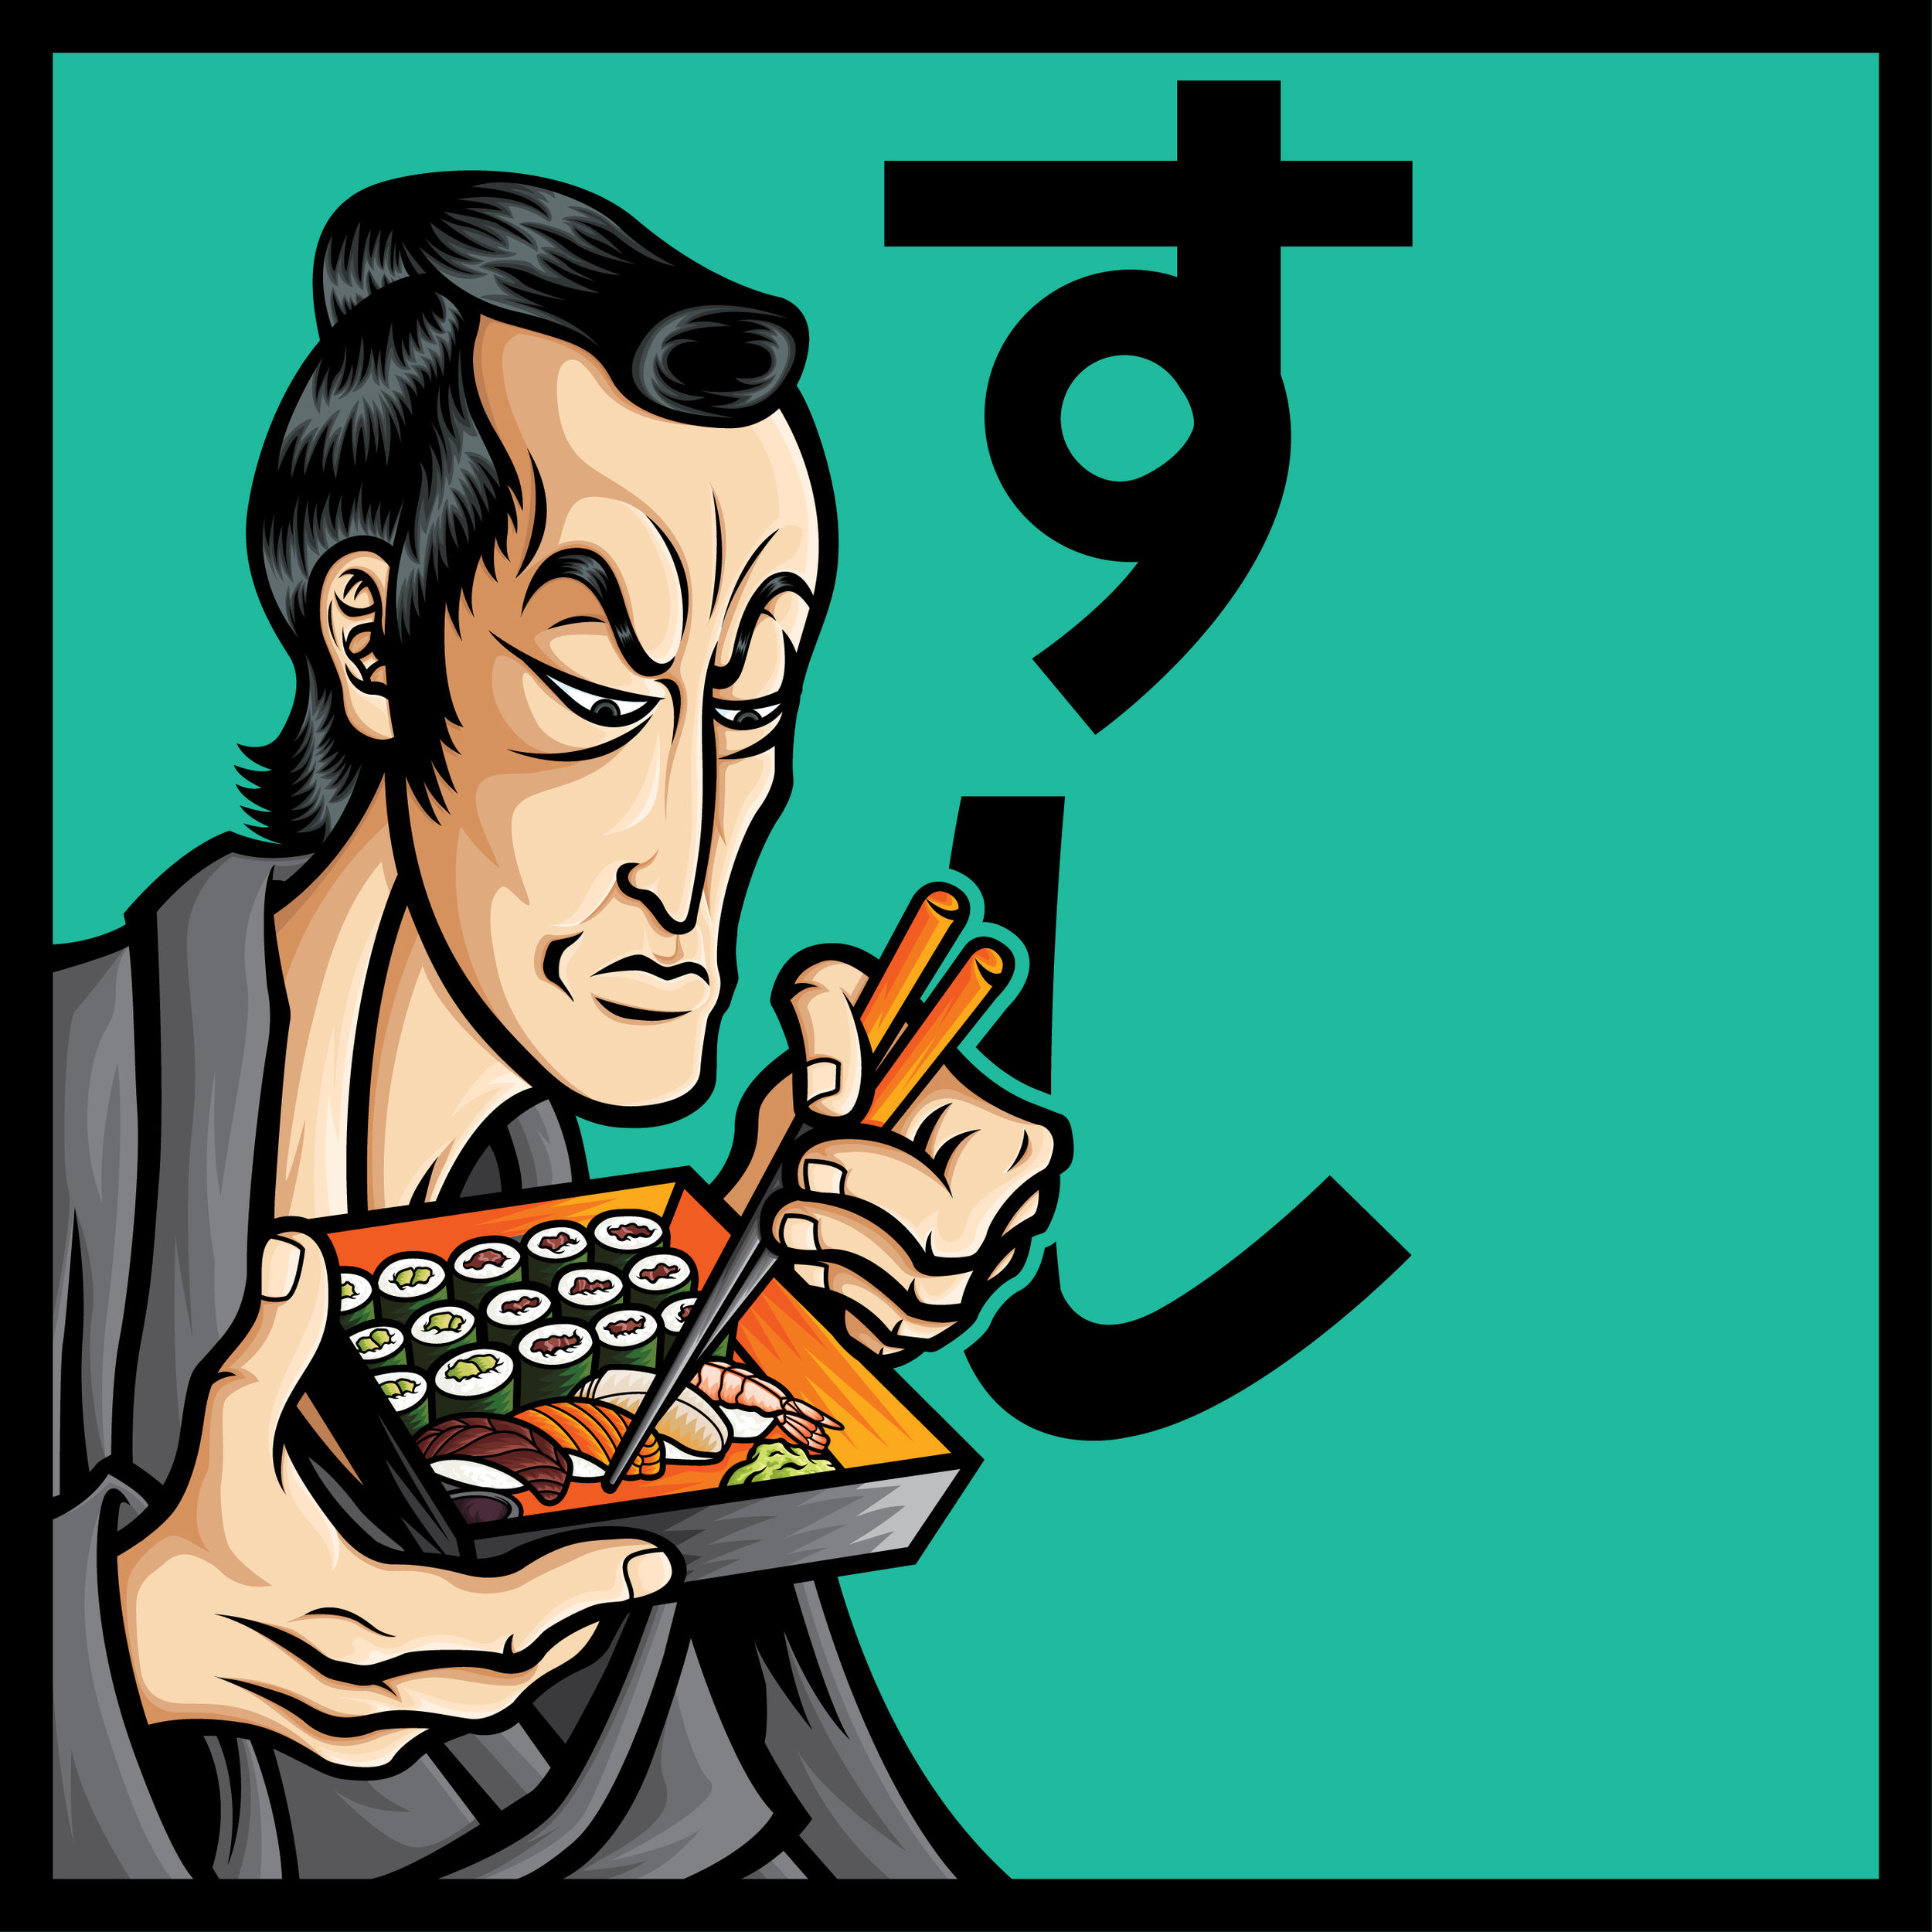 orozcodesign-stickermonster-SushiSamurai-Social_1.jpg